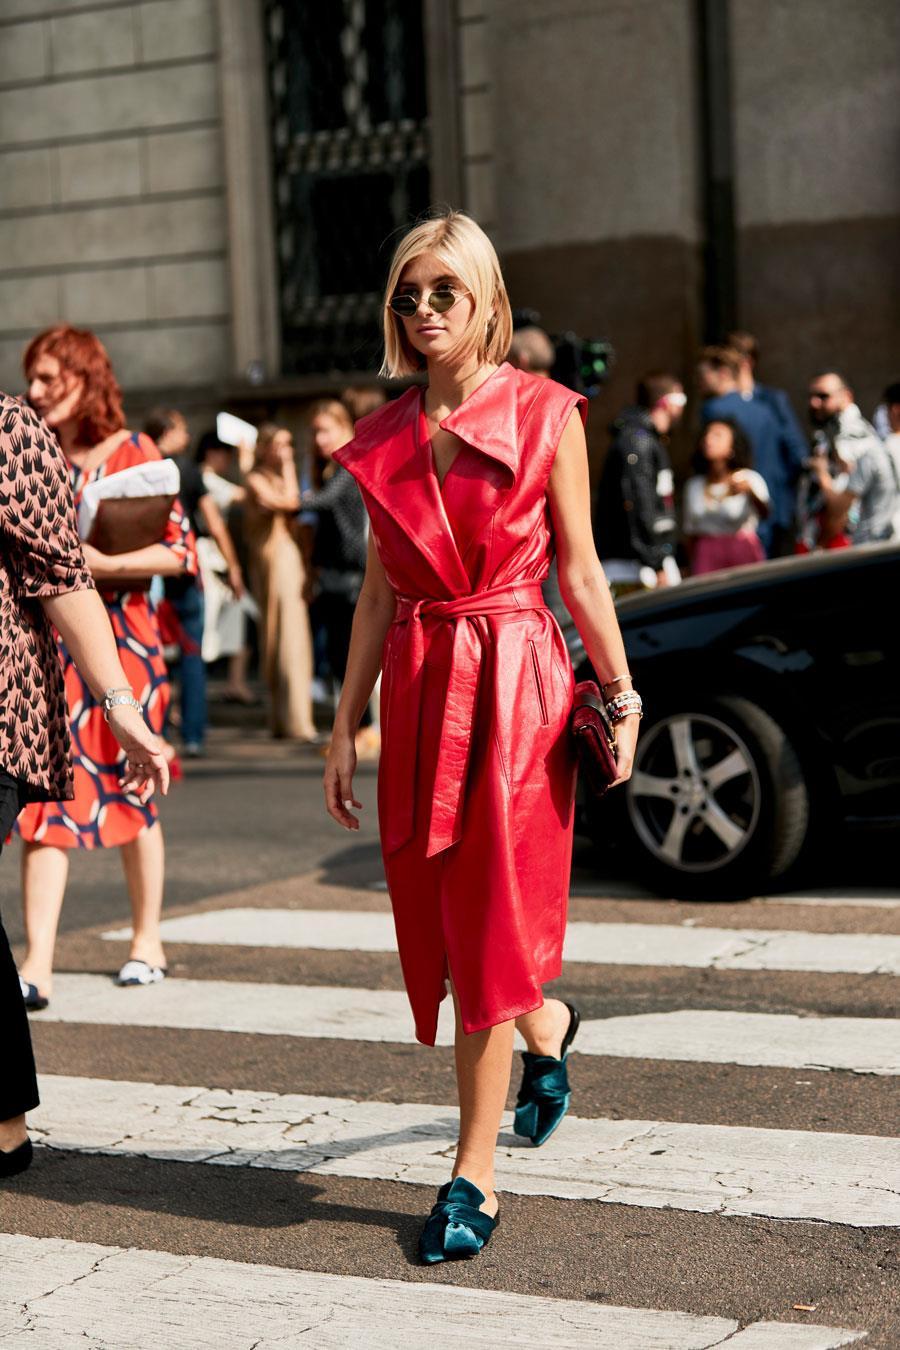 Cómo Combinar Un Vestido Rojo Este Verano 2019